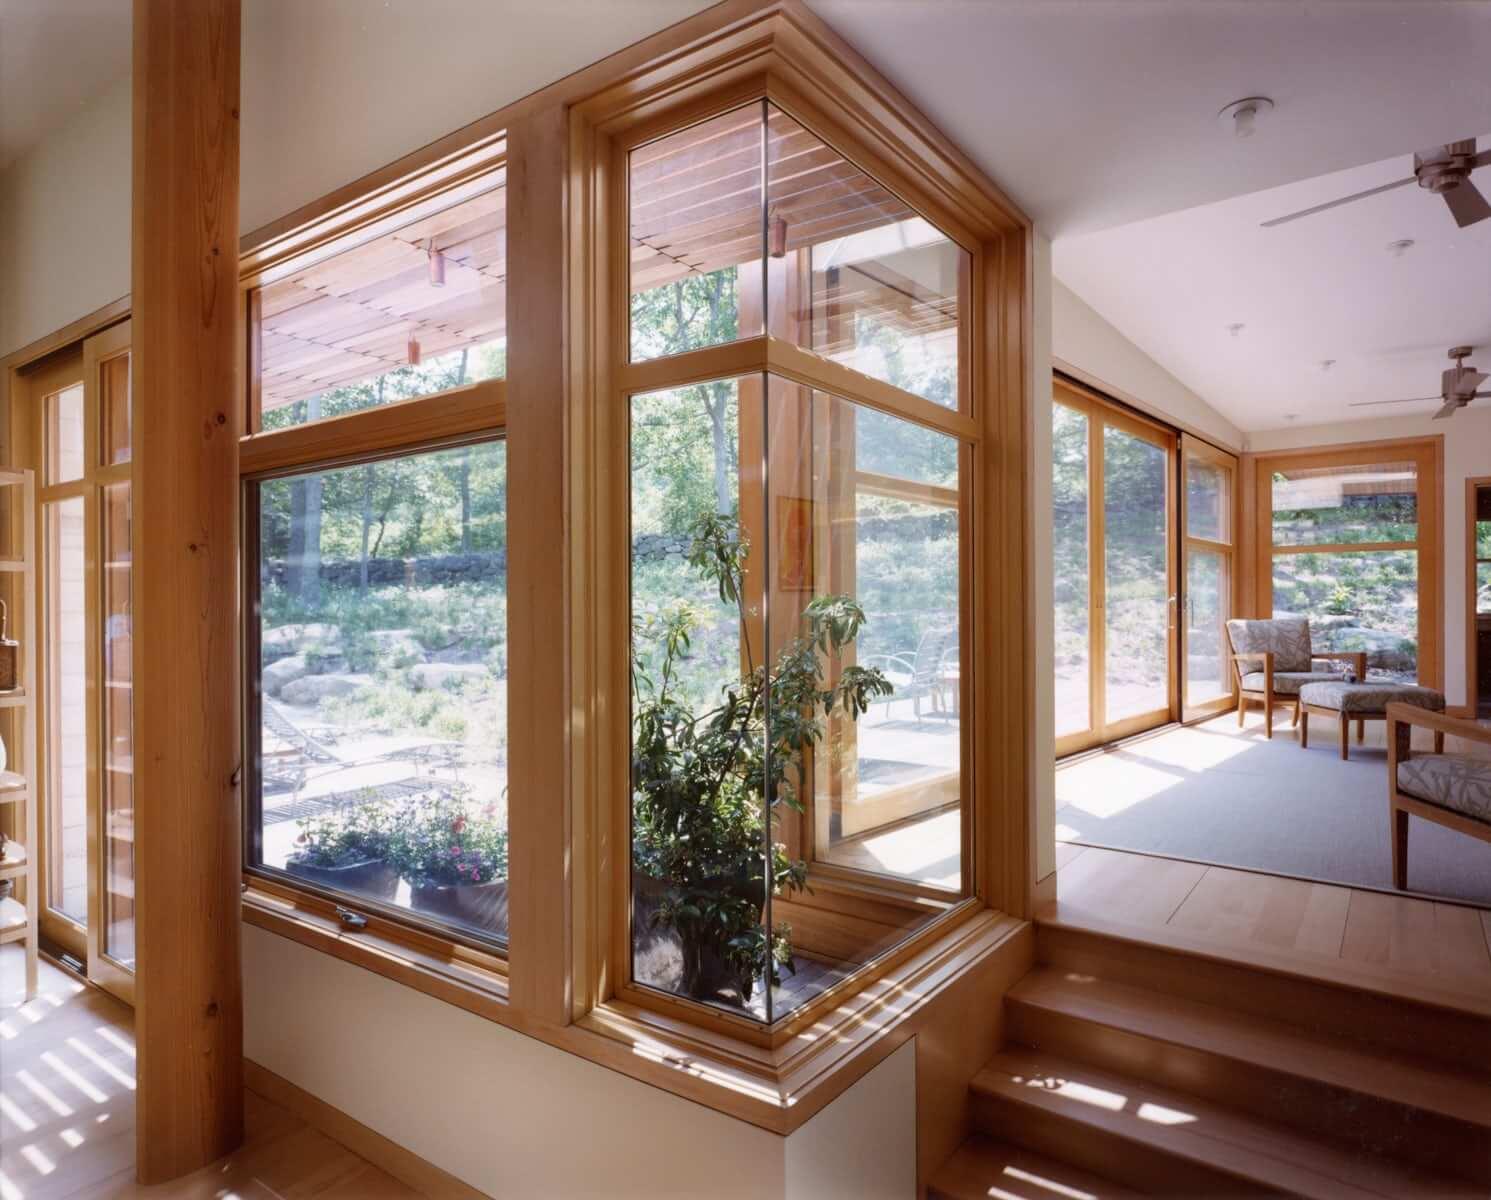 таких красивые окна в домах фото даблин совсем готовы